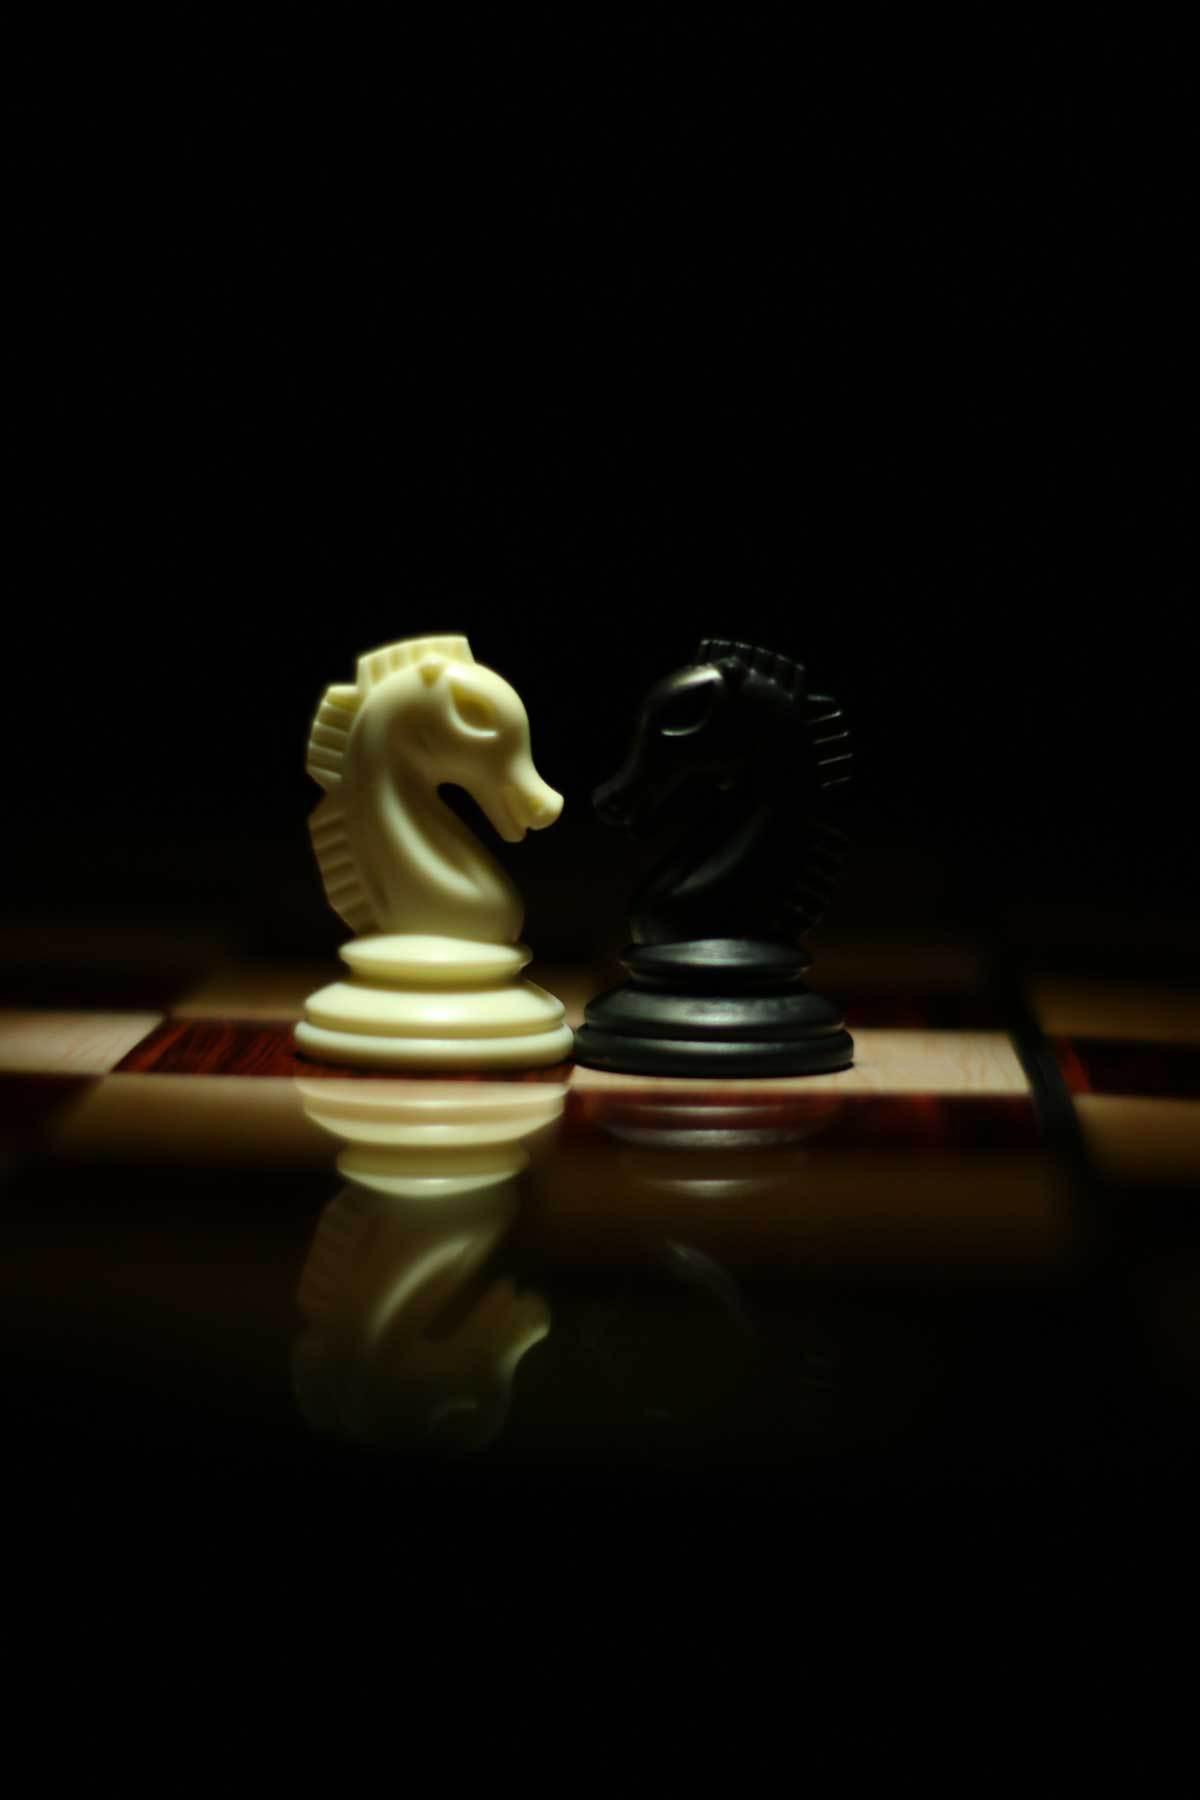 Opinion. Derrière la concurrence responsable, le progrès